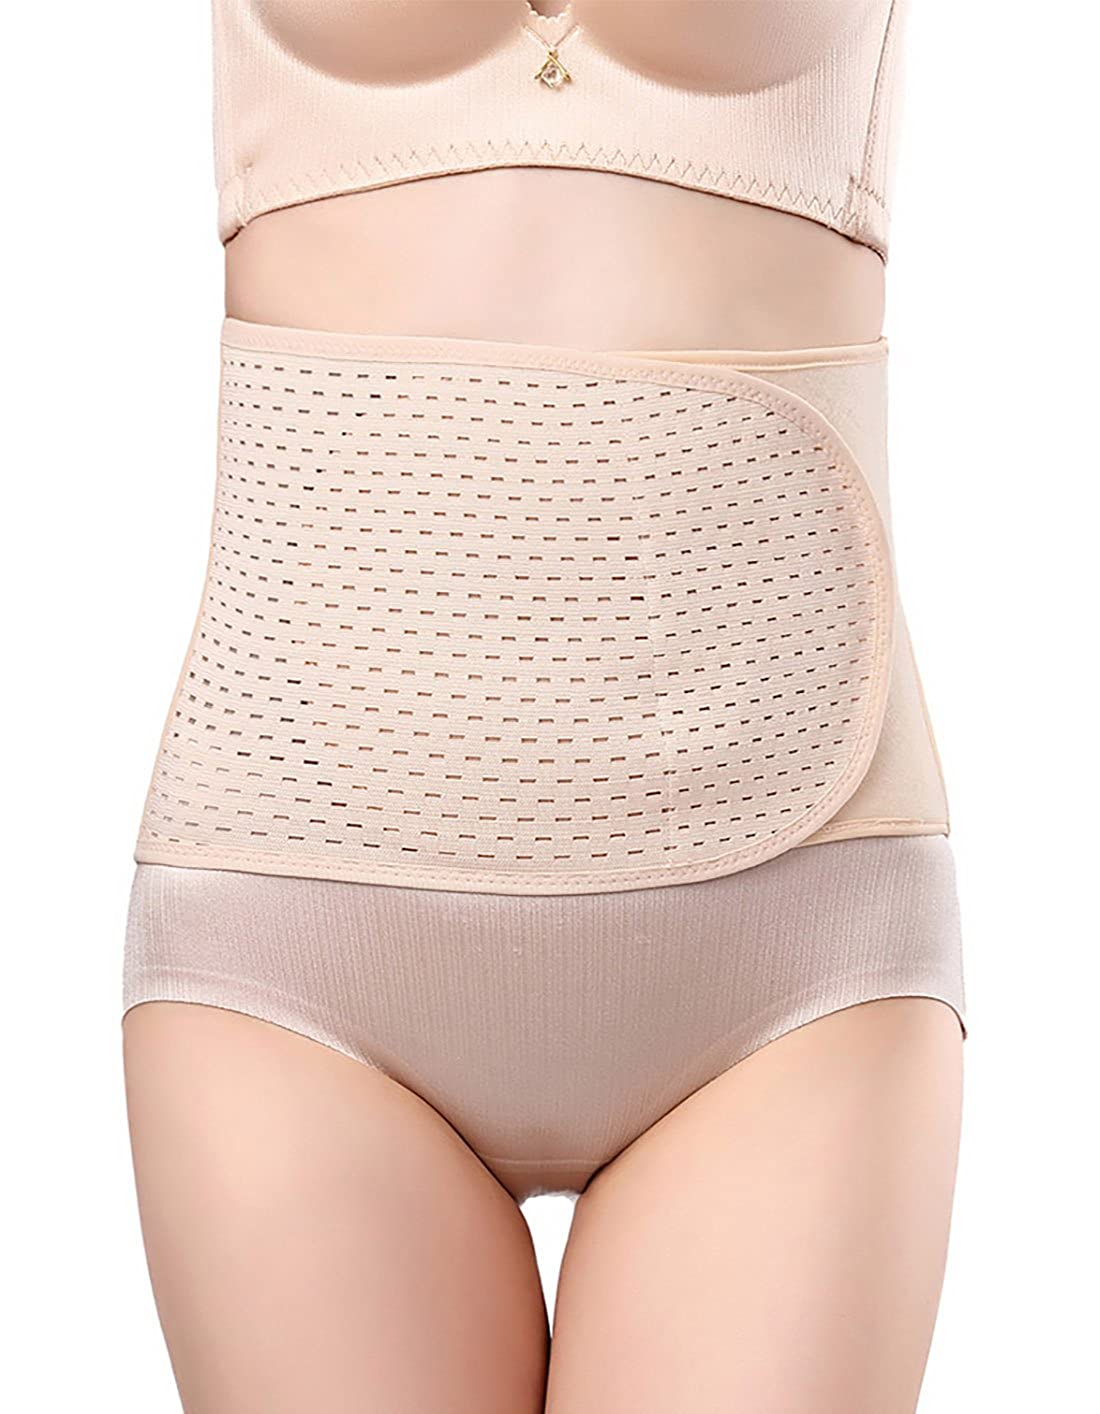 Aivtalk Damen Bauchweg Gürtel Elastisch Postpartum Bauchband Nach Geburt Slimming Belt Korsett für Abnehmen Taillenformer OJFS0186